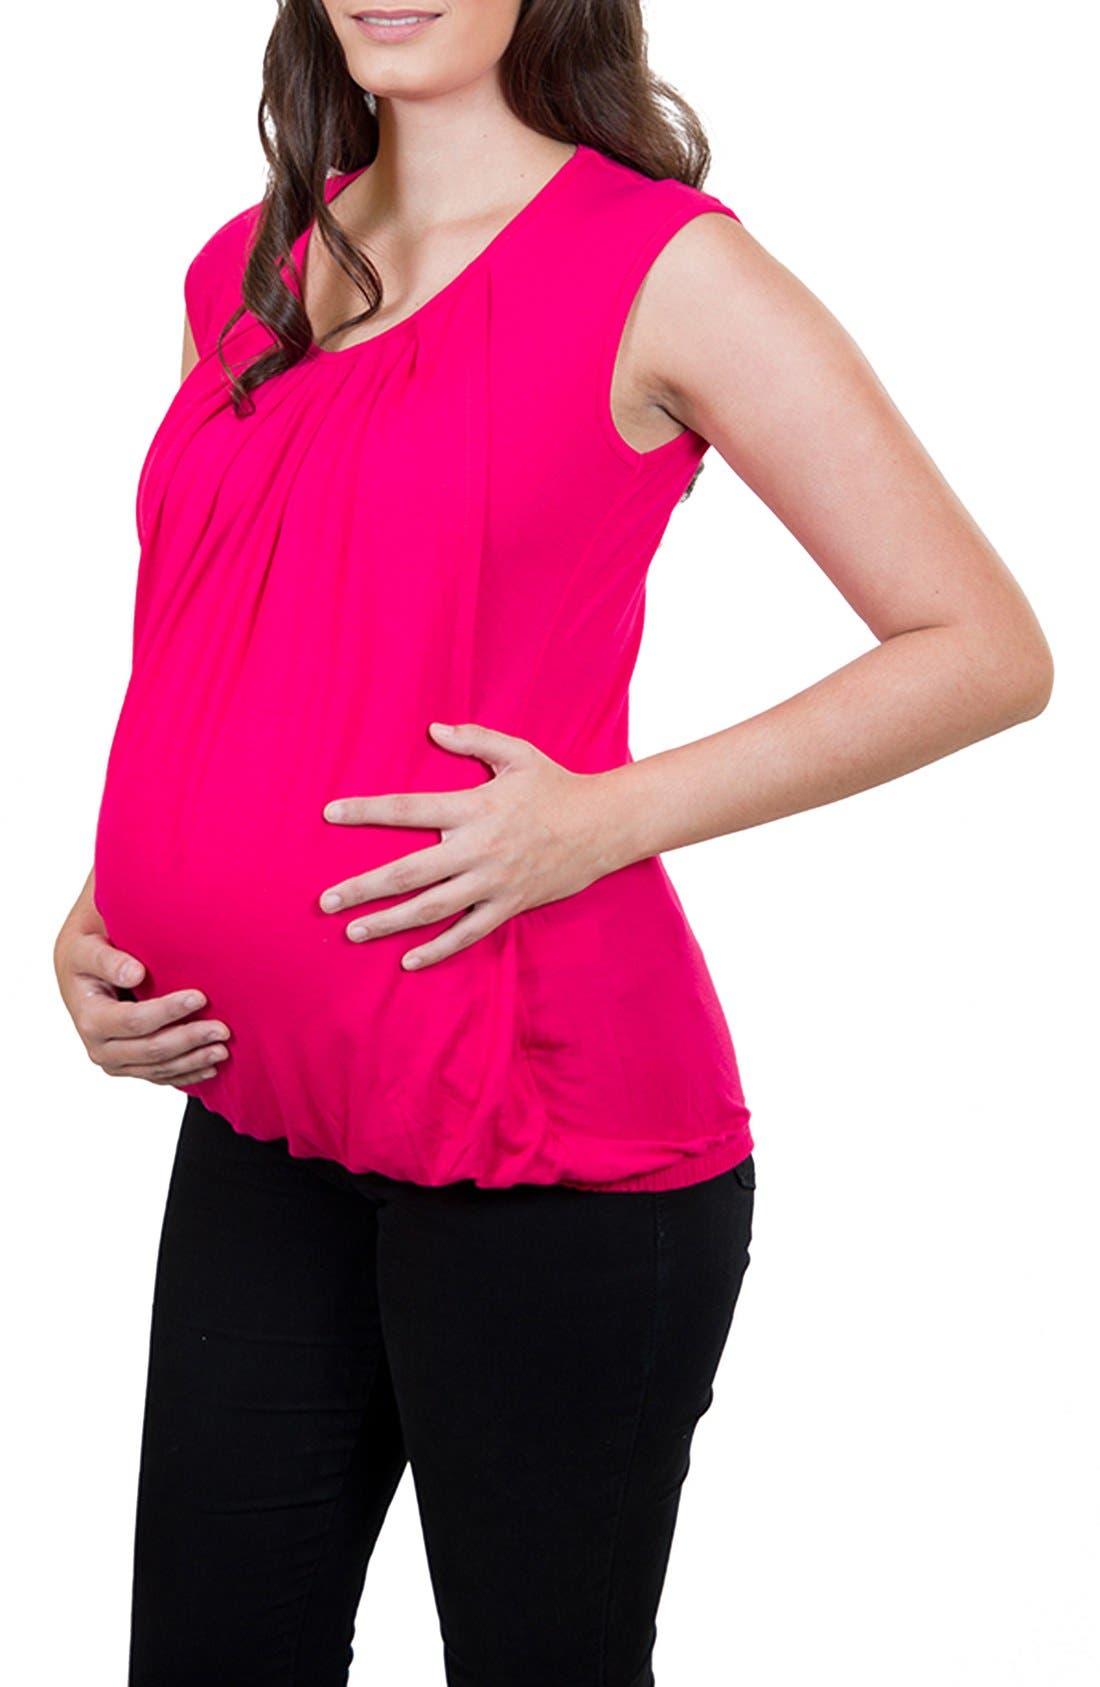 Main Image - Nurture-Elle Pleated Sleeveless Nursing Top